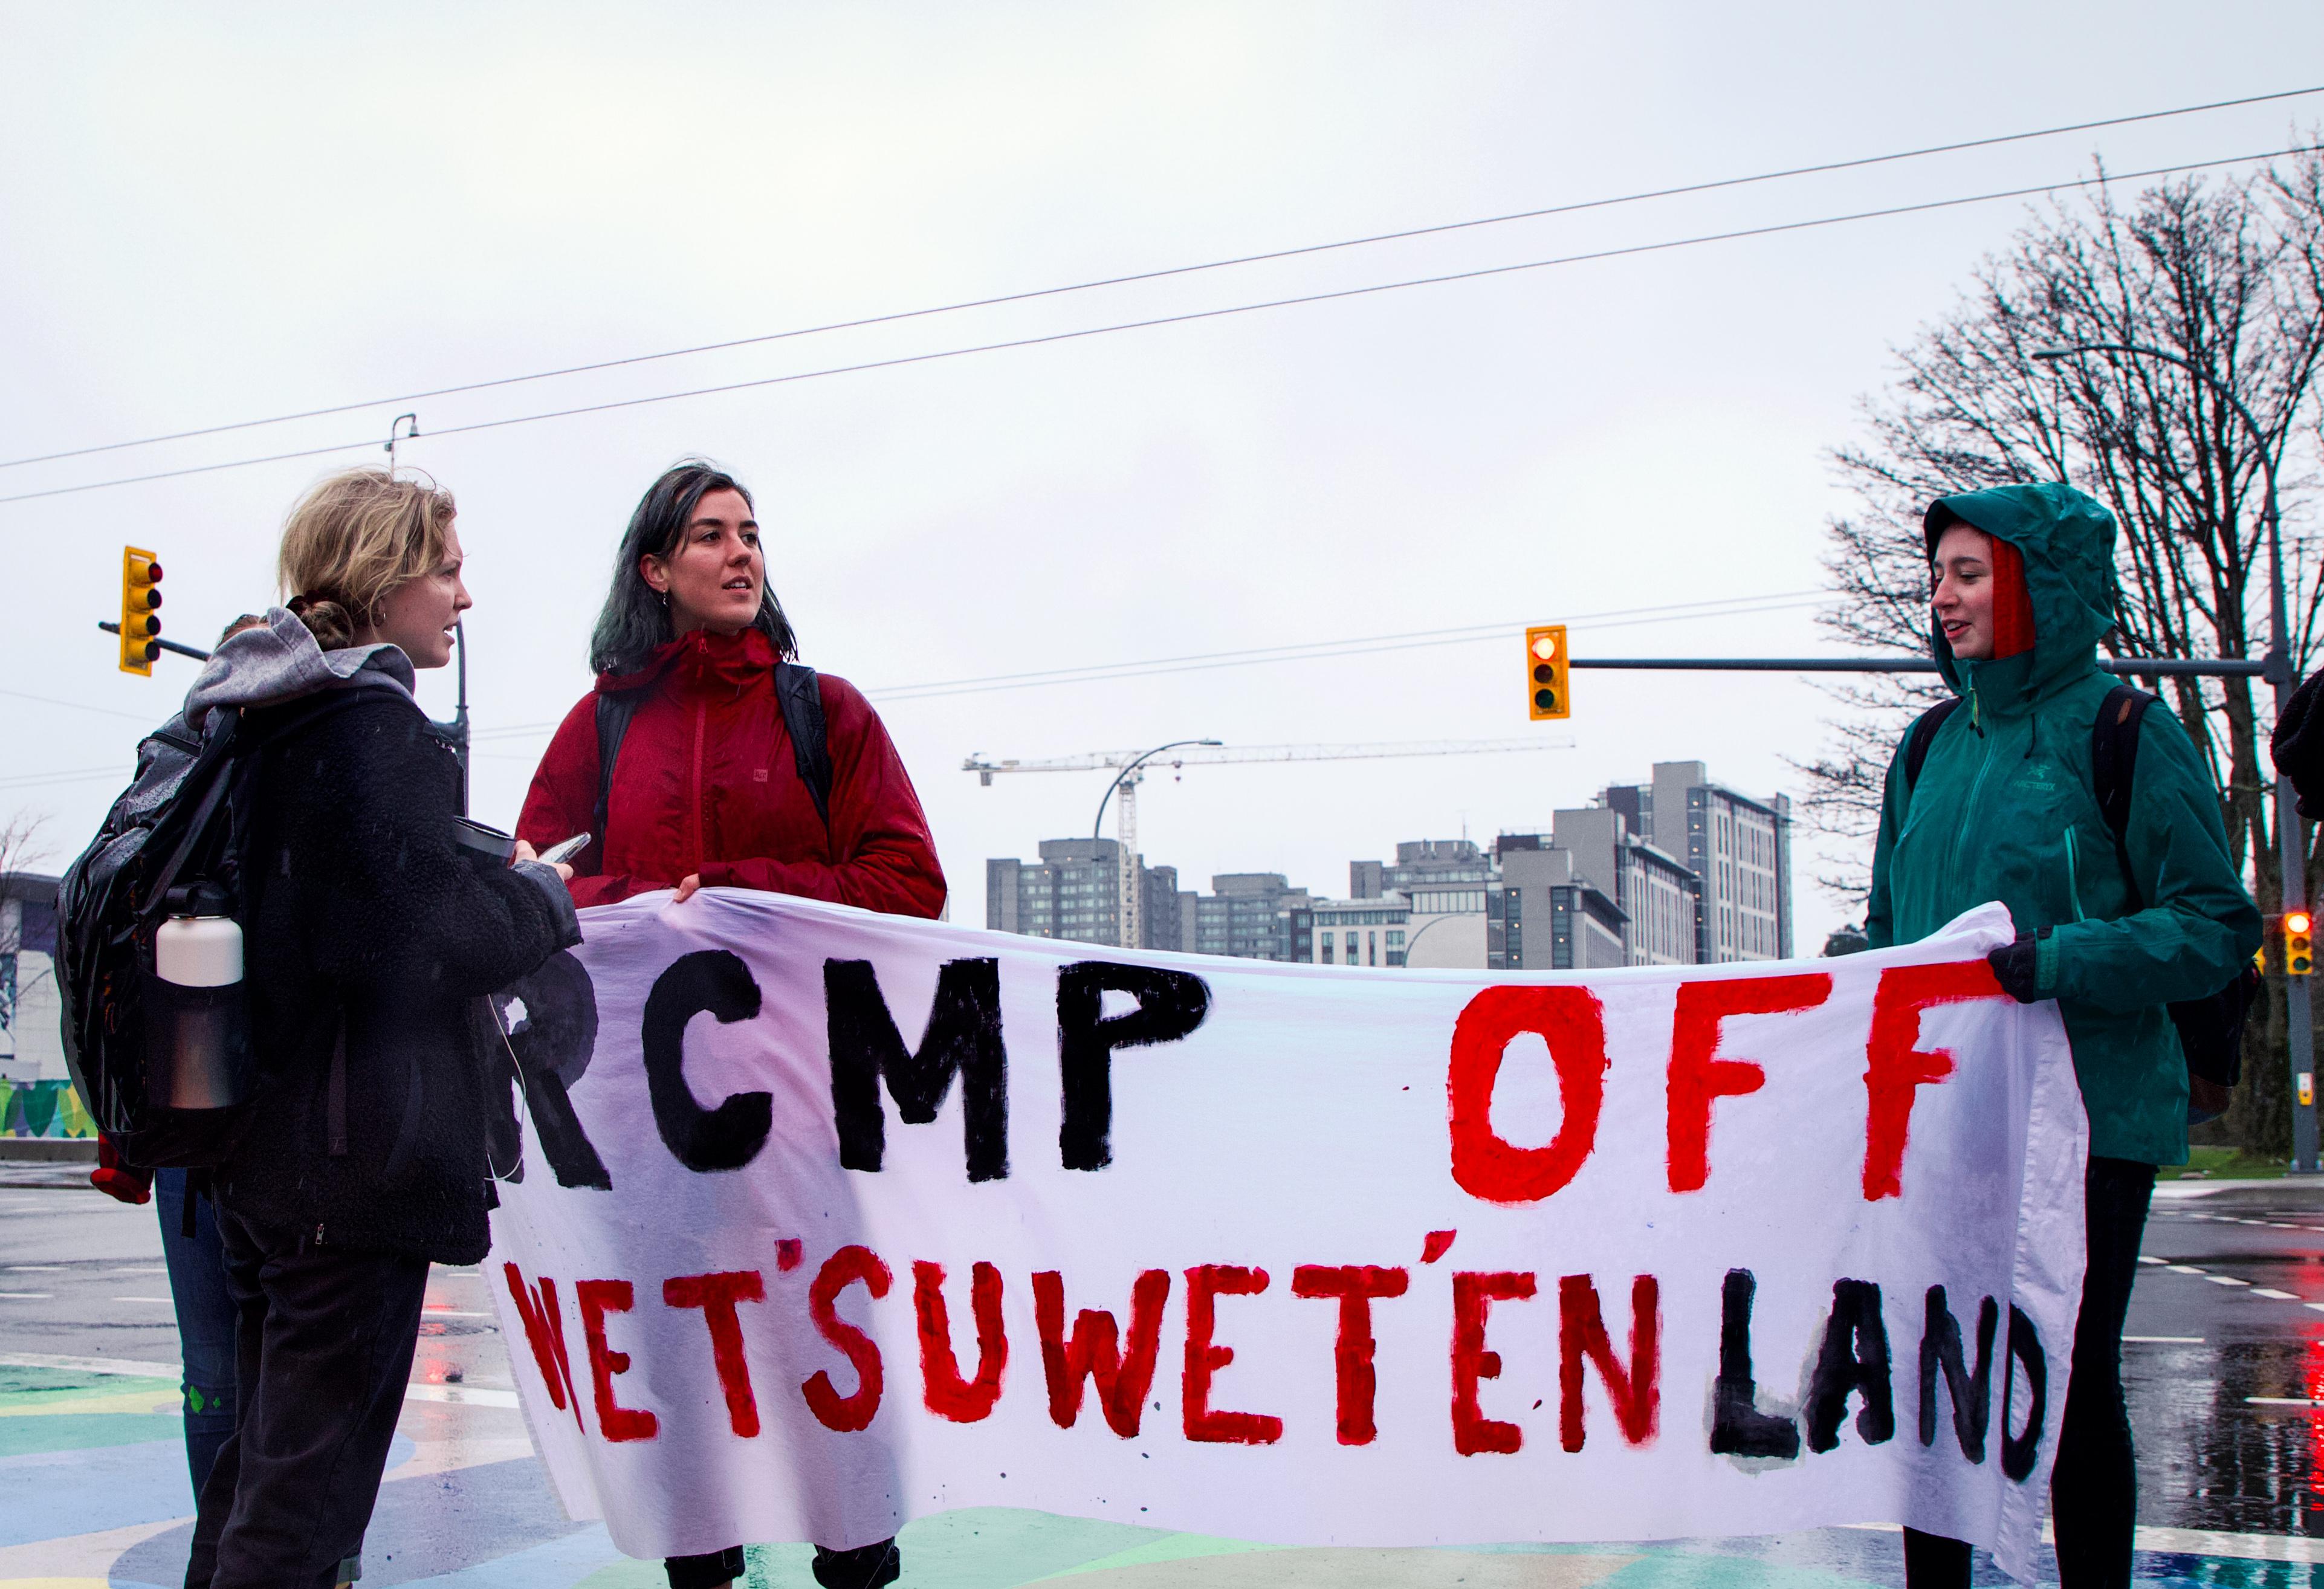 UBC students blocking University Blvd in solidarity with Wet'suwet'en.